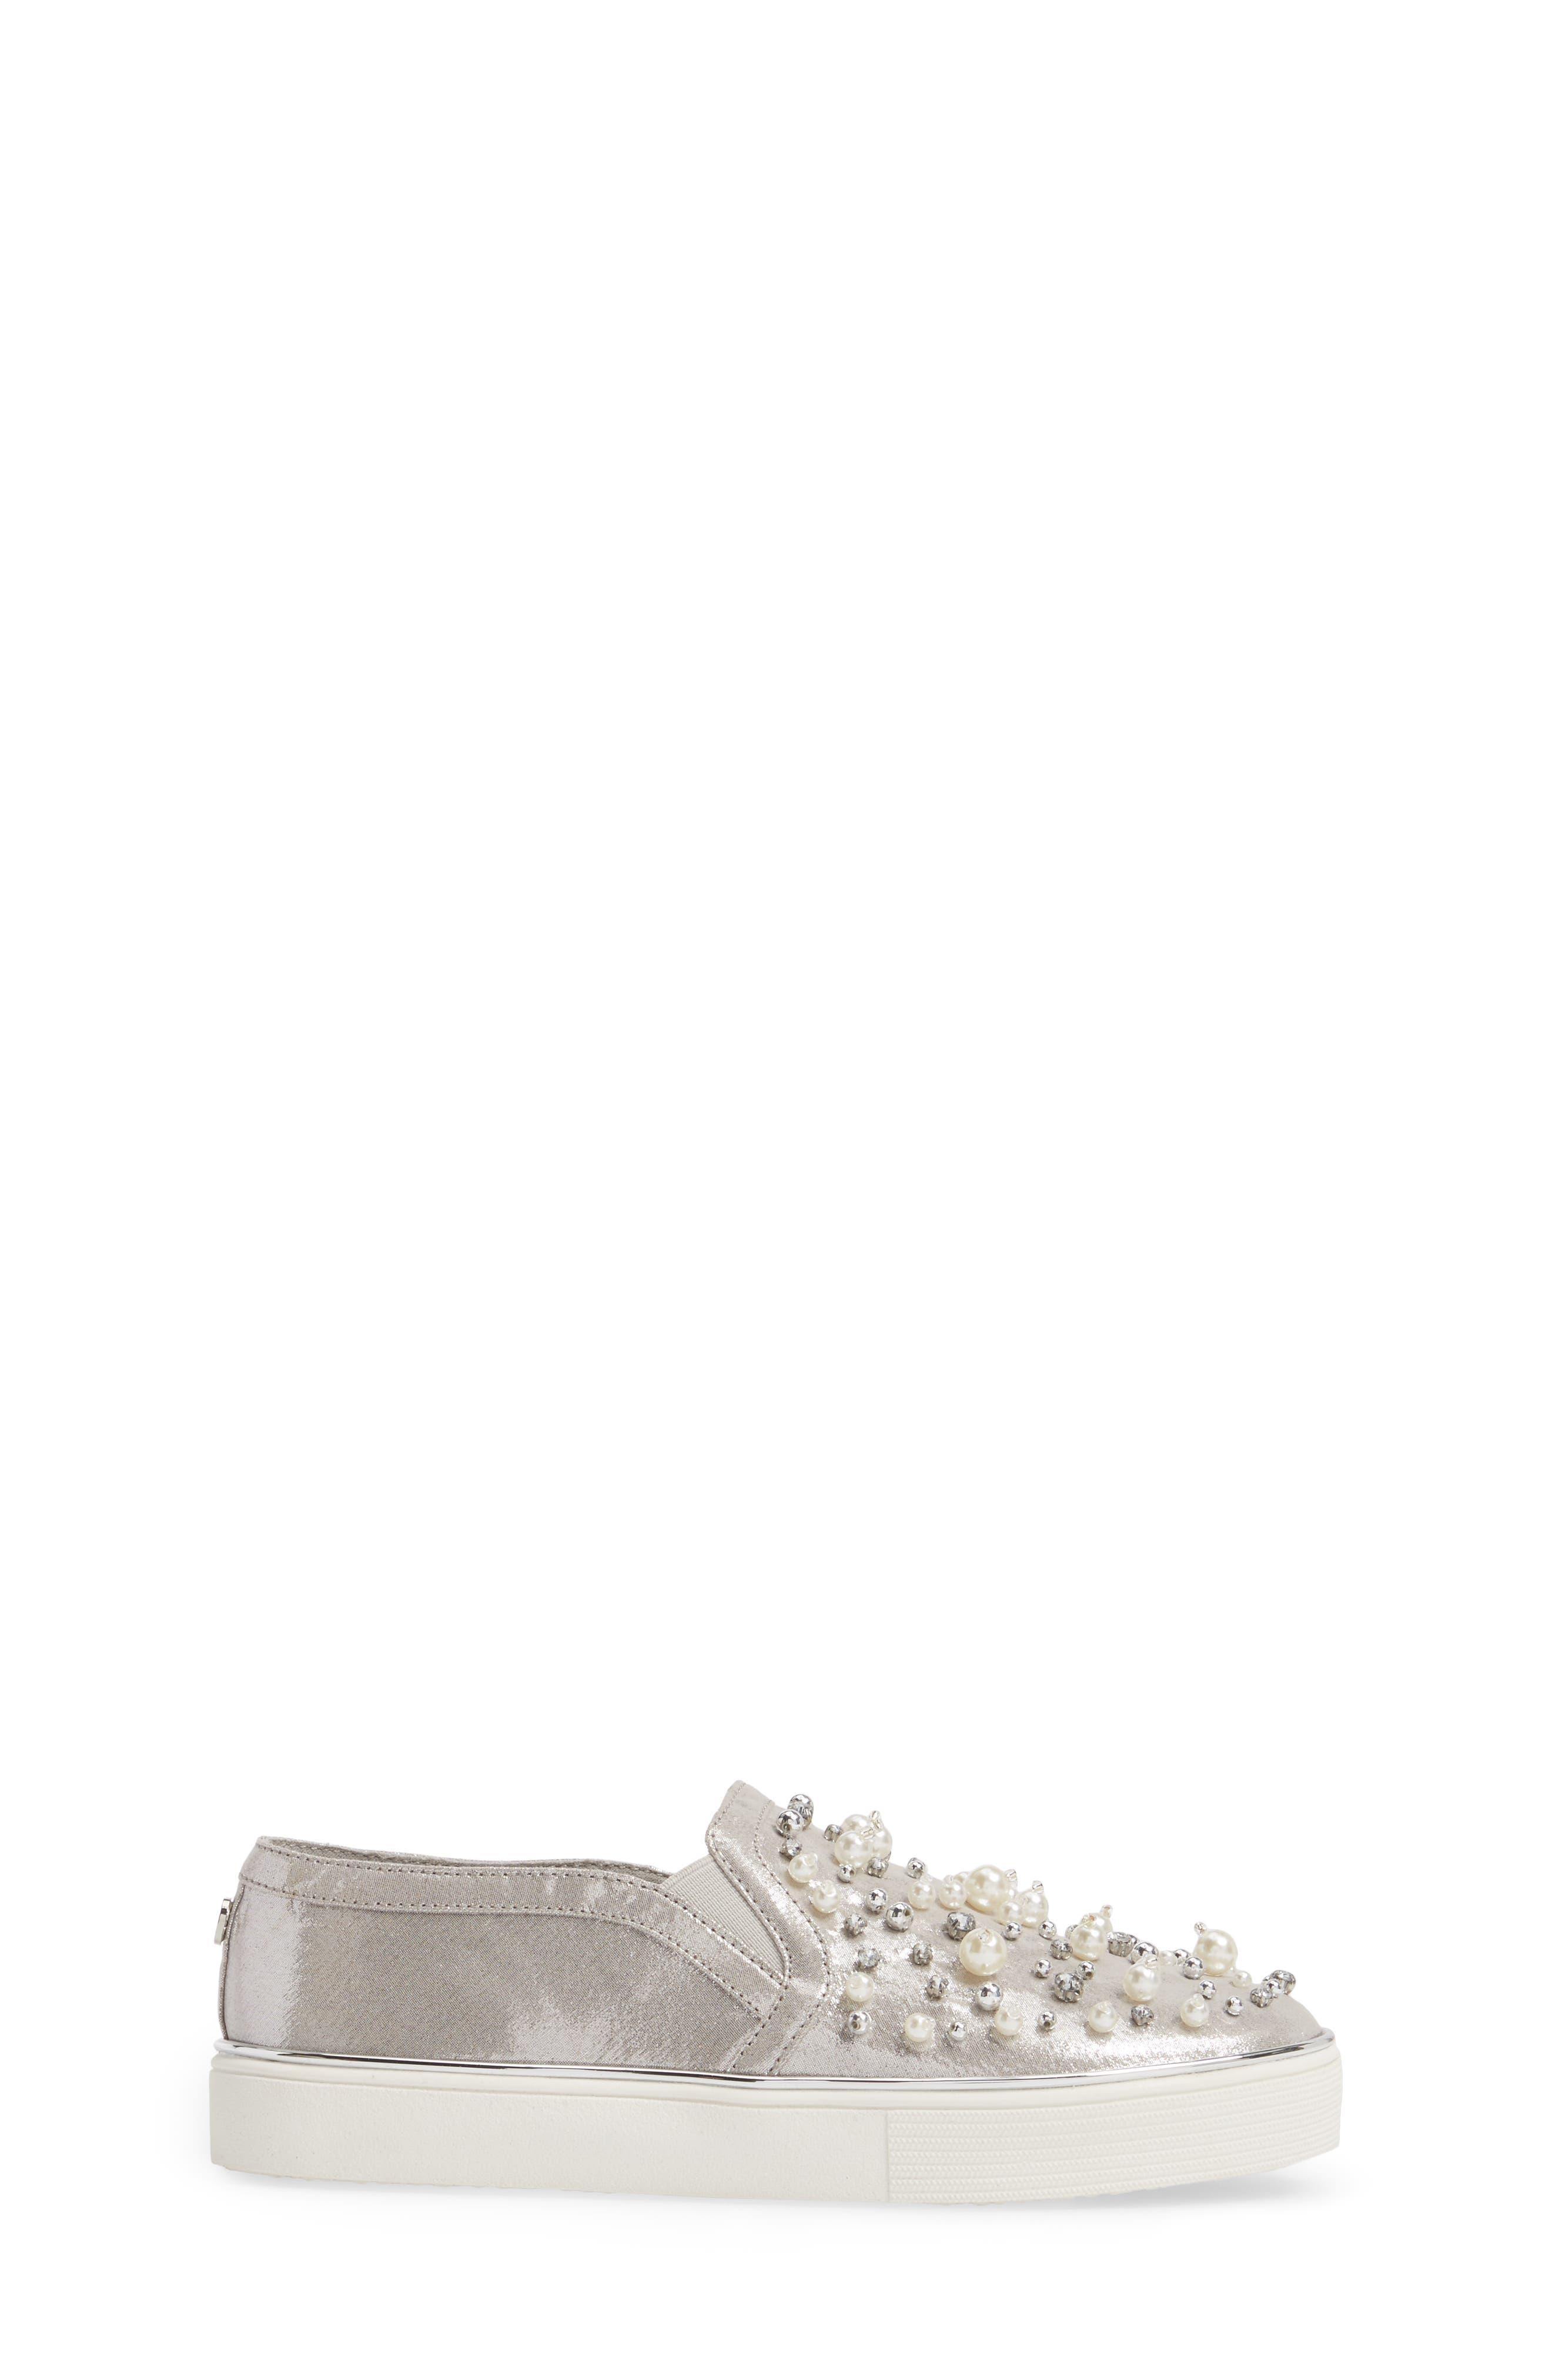 Vance Glitz Embellished Slip-On Sneaker,                             Alternate thumbnail 3, color,                             044